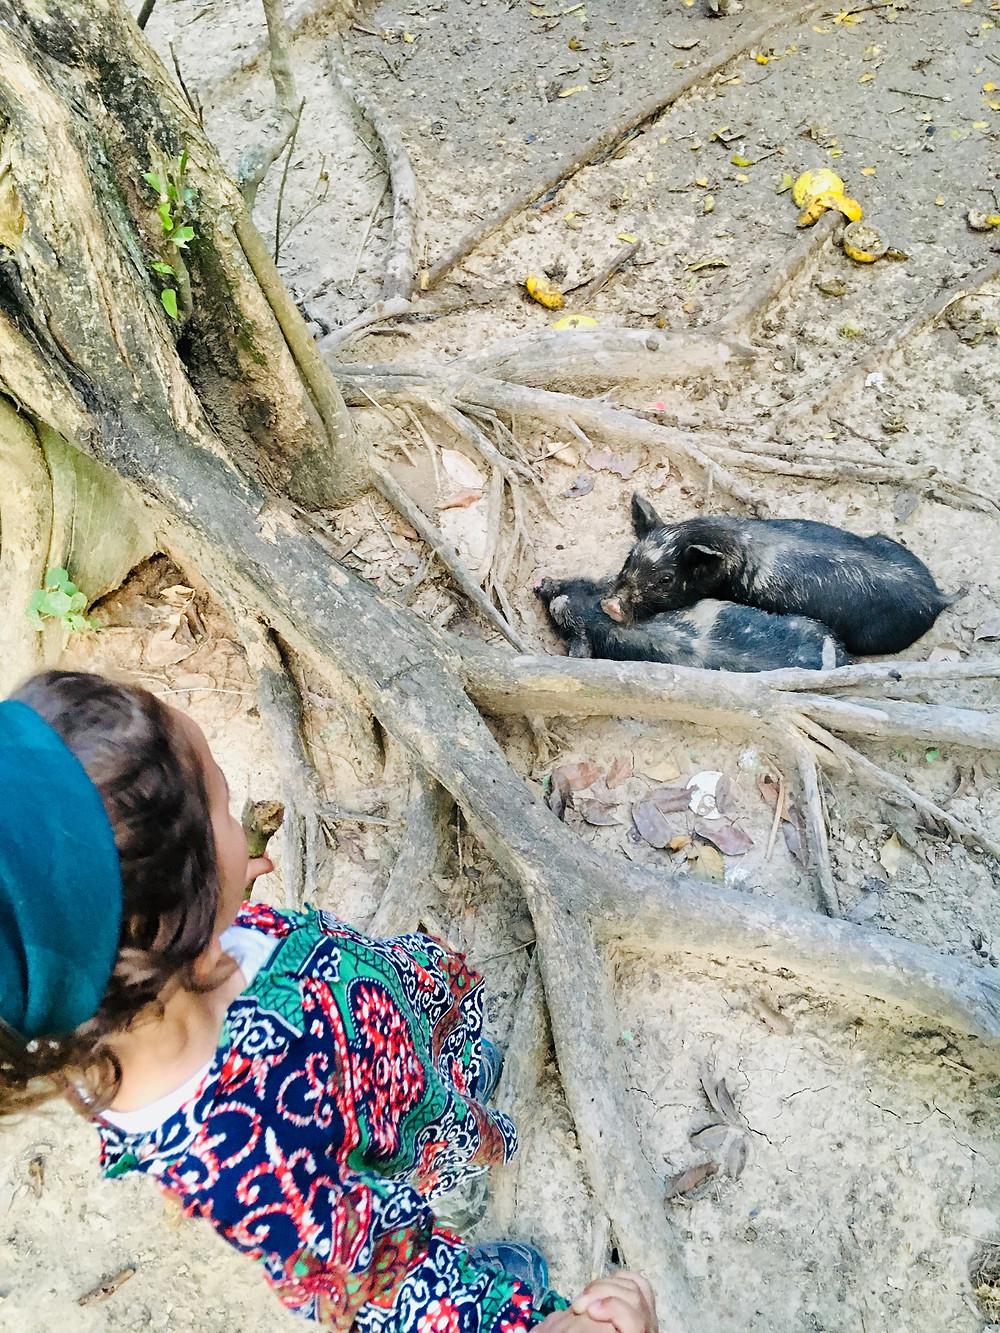 Emilio aimerait caresser les porcines sauvages mais la maman nous surveille de près...